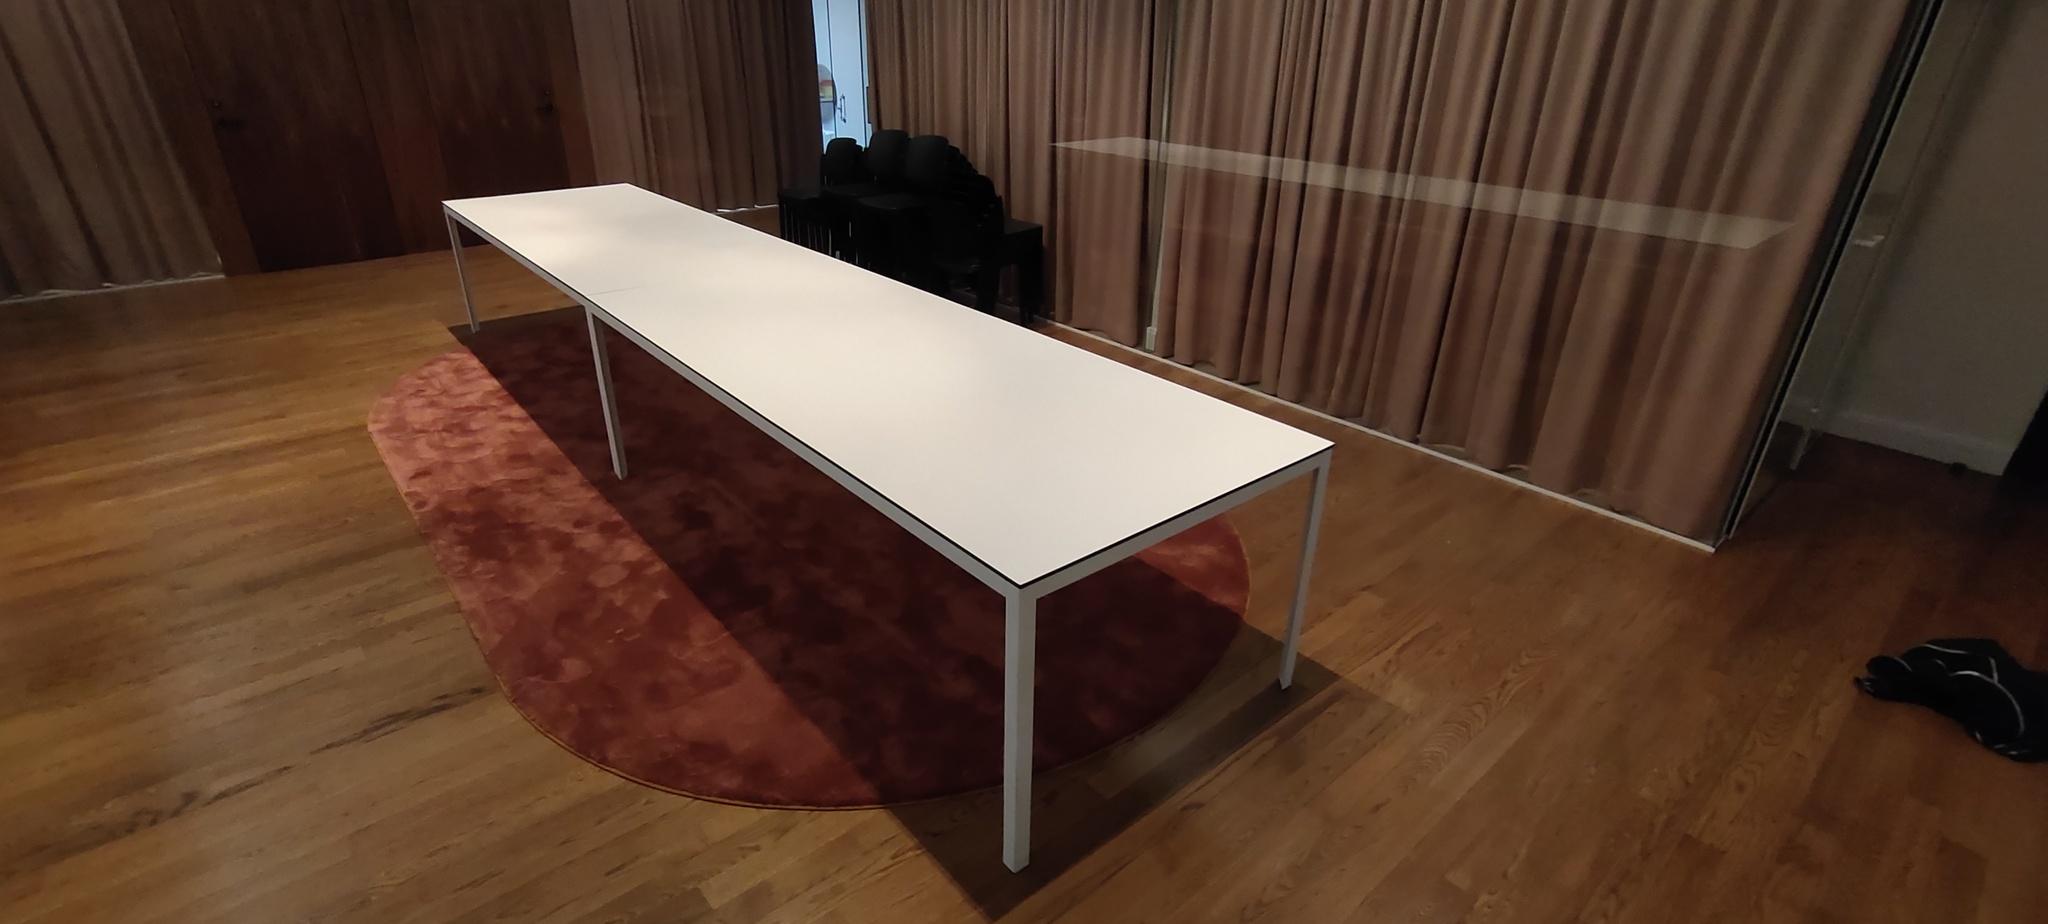 Hyr bord, Svart kant och vit laminat - 242 cm